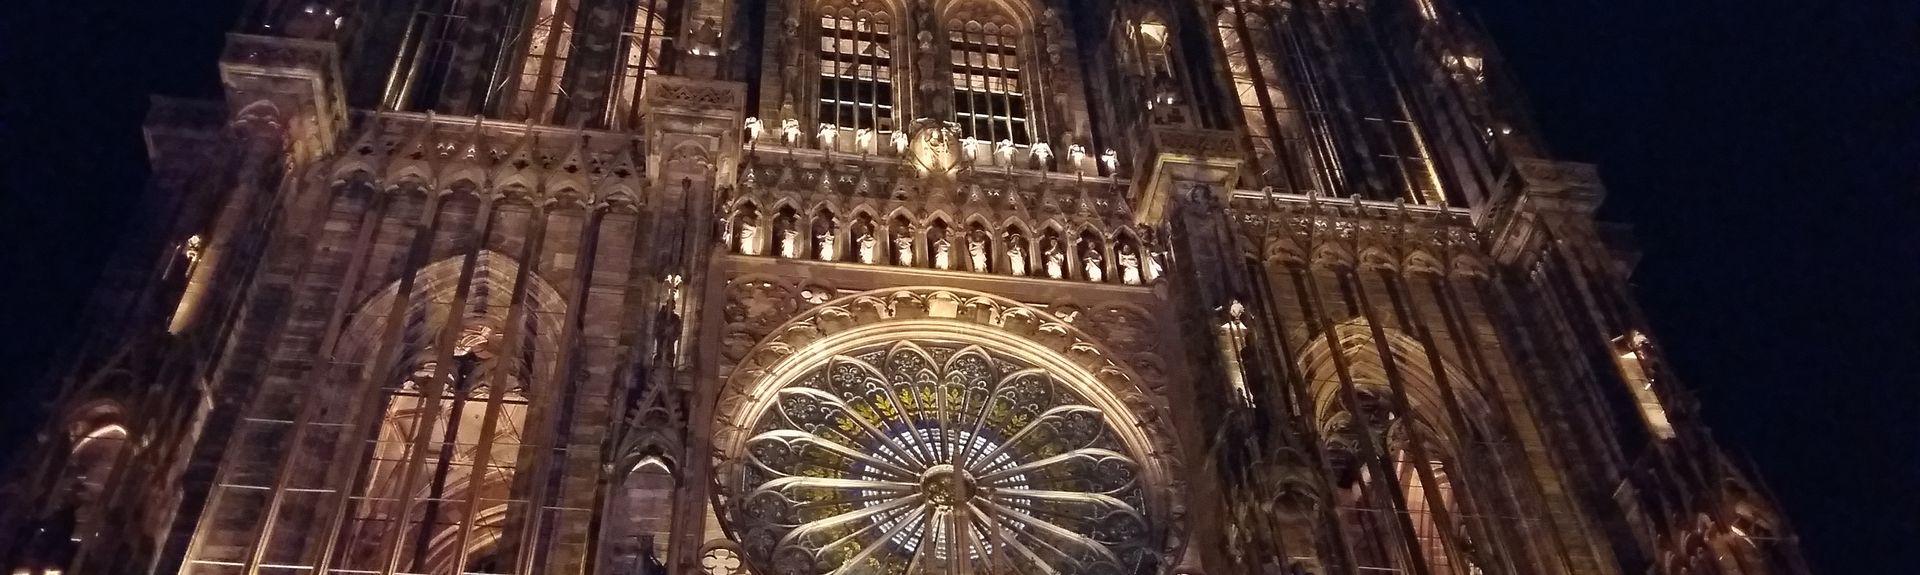 Mairie, Strasbourg, France